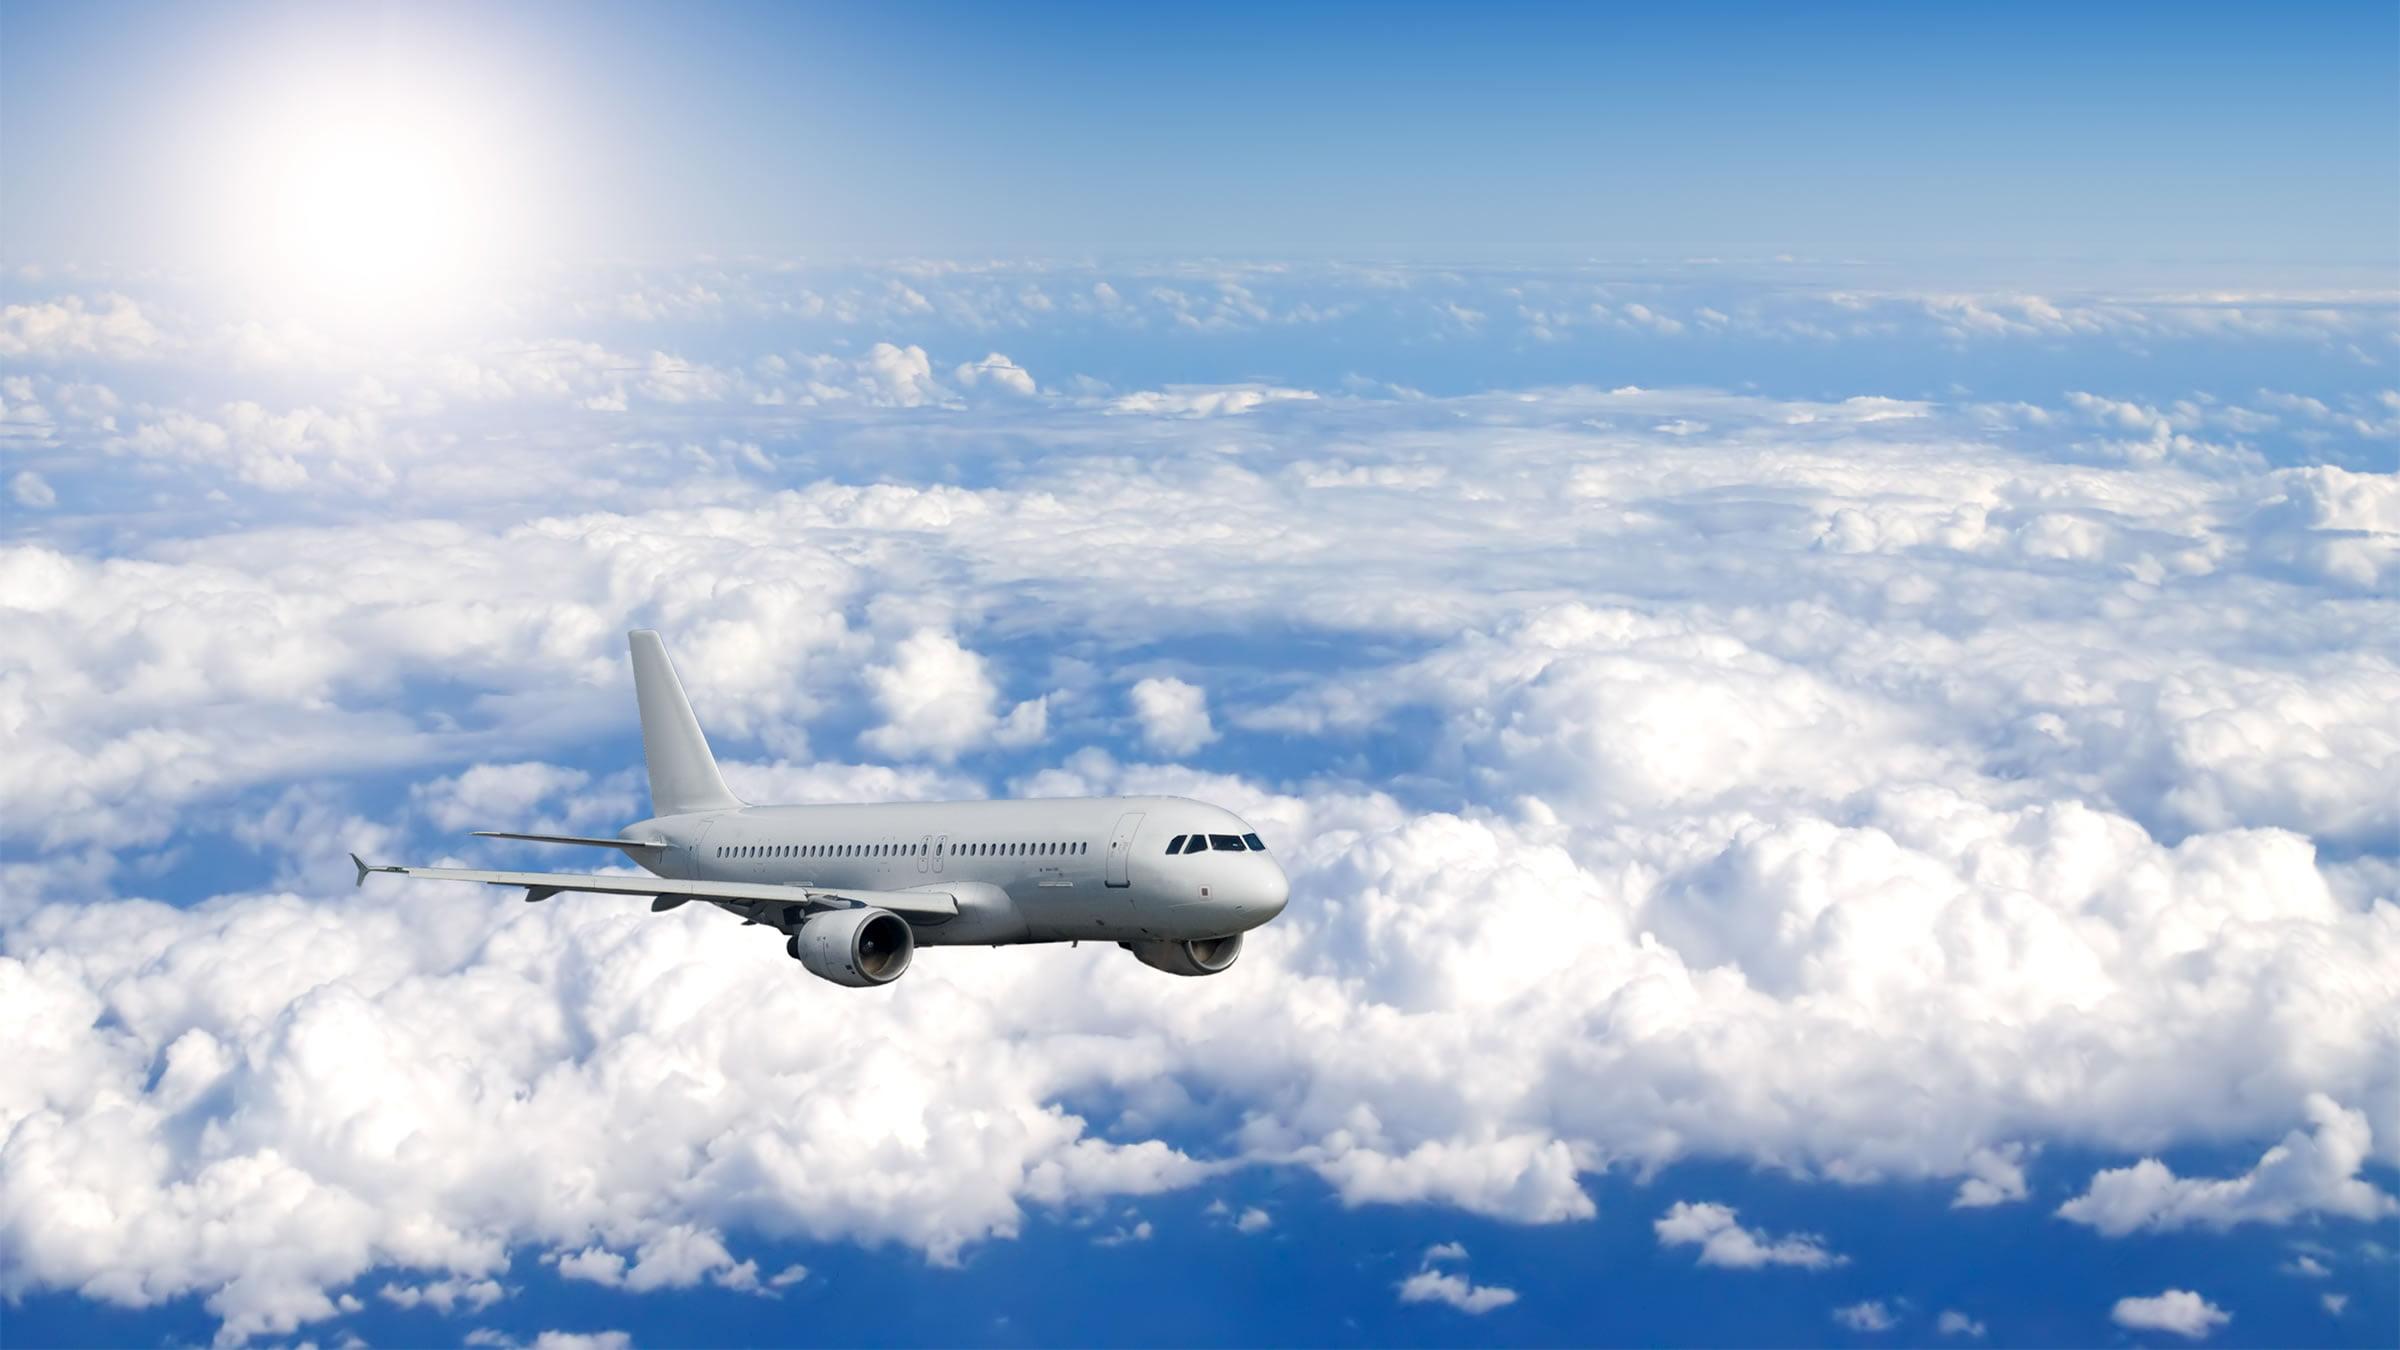 Ventajas de elegir una compañía aérea low cost